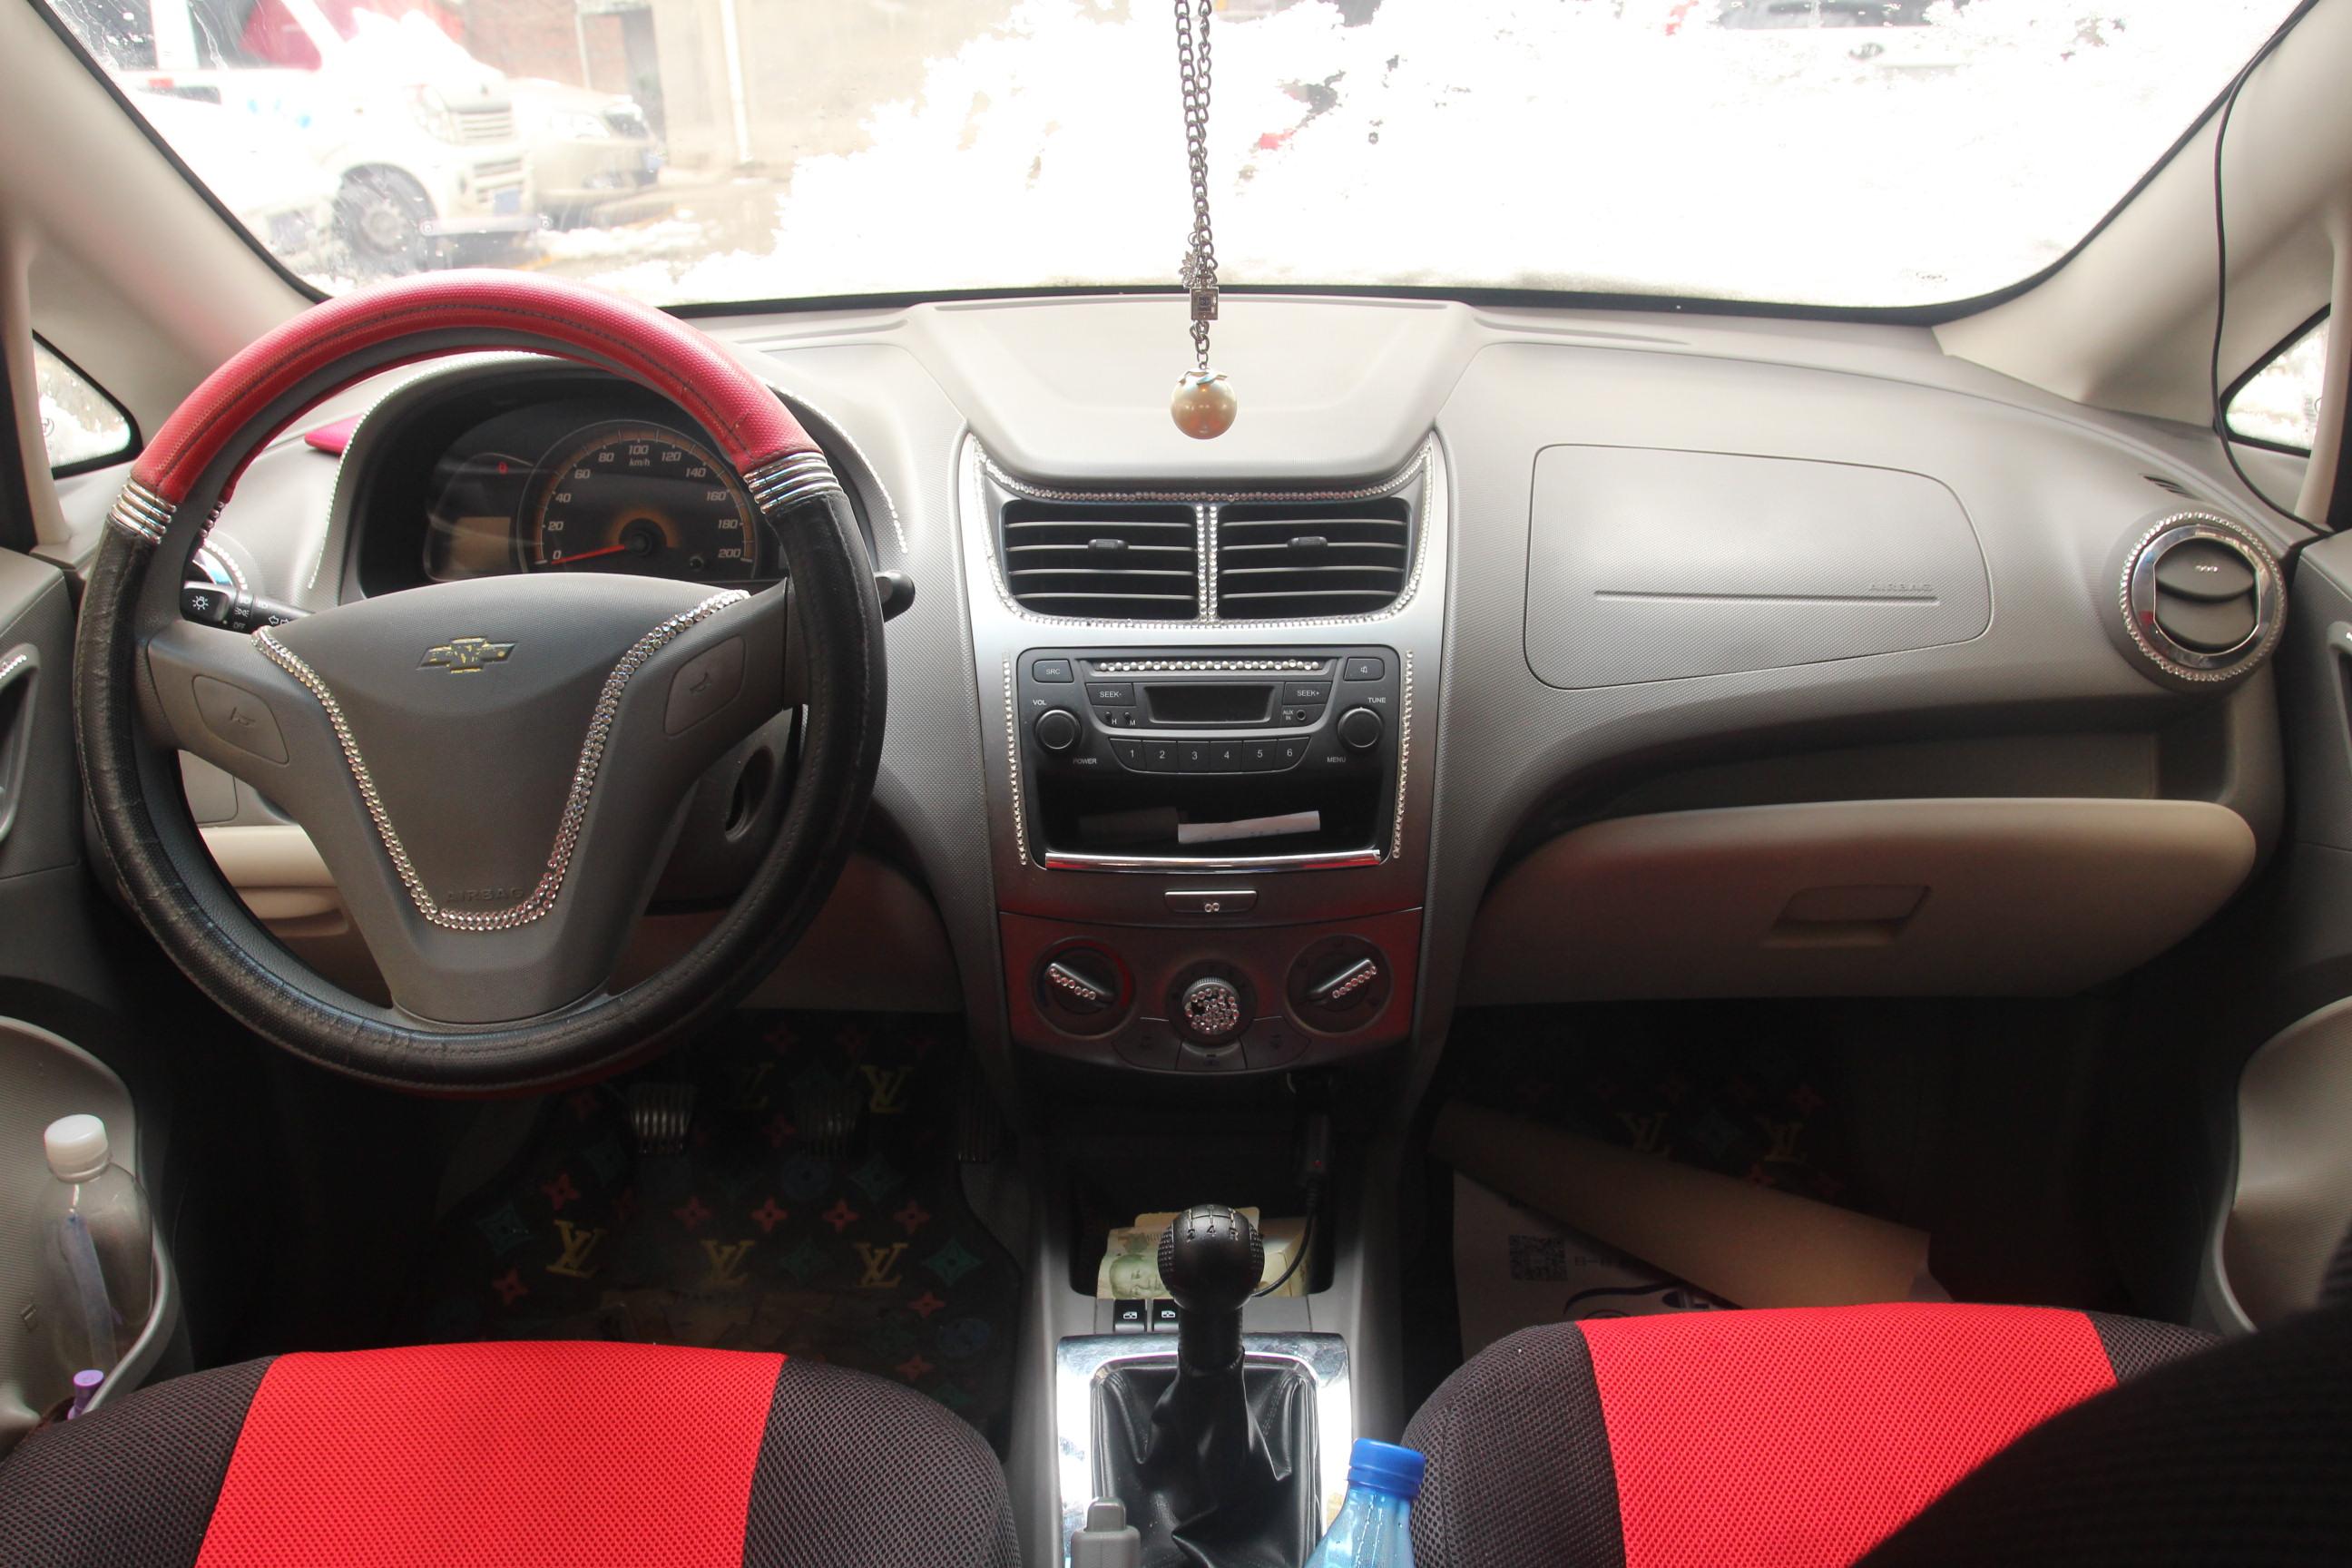 雪佛兰-赛欧 2010款 三厢 1.2l 手动时尚版